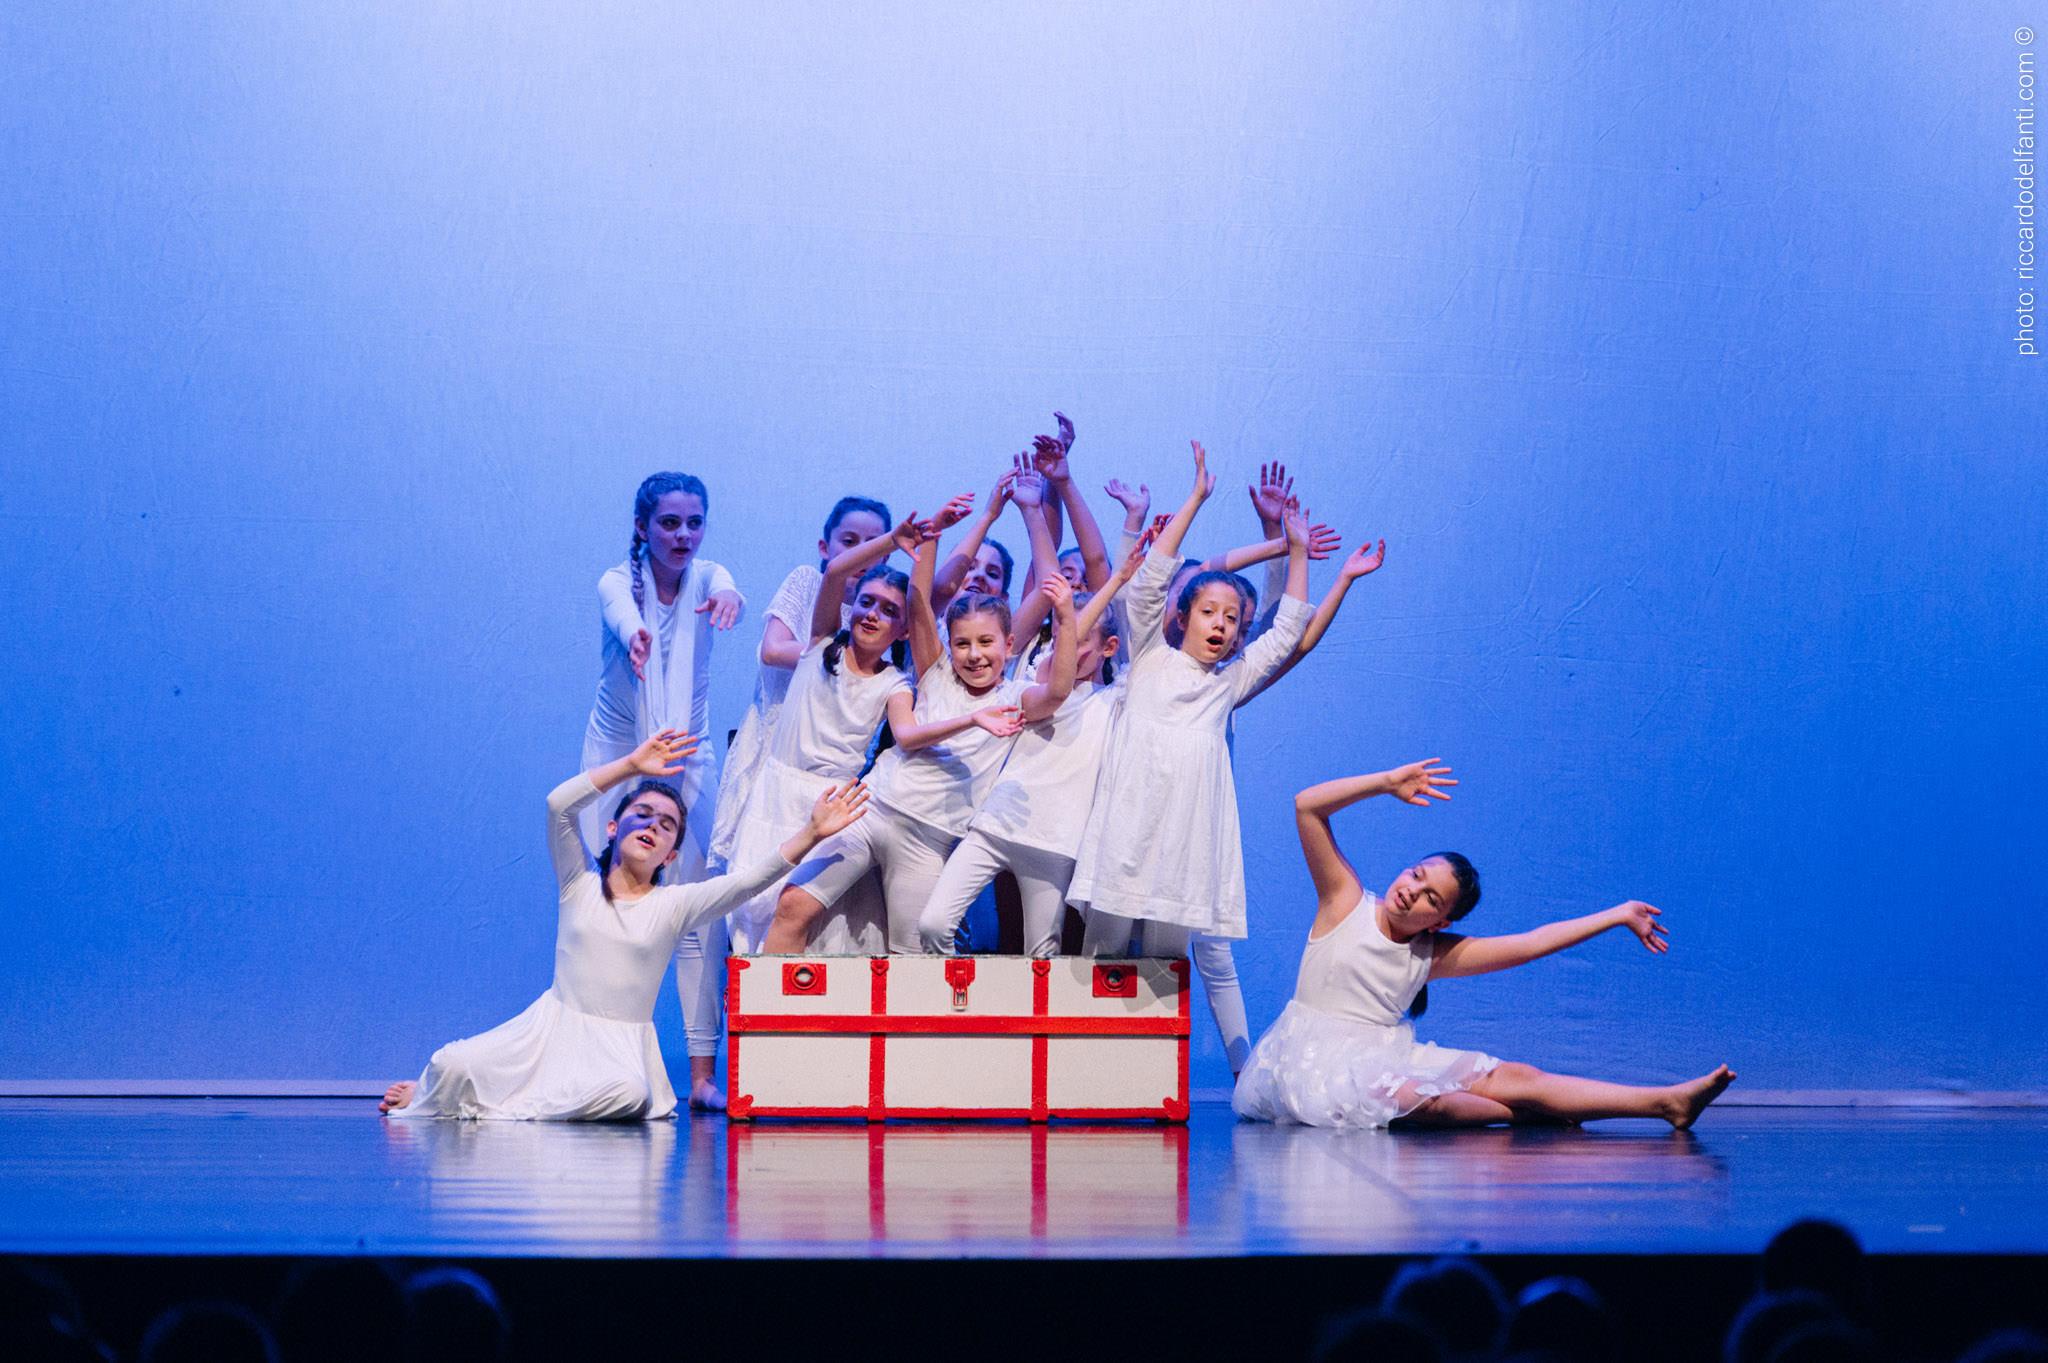 Danza e musica bimbi - Percorso ludico didattico EC Junior - Performance Novi Ligure 2019